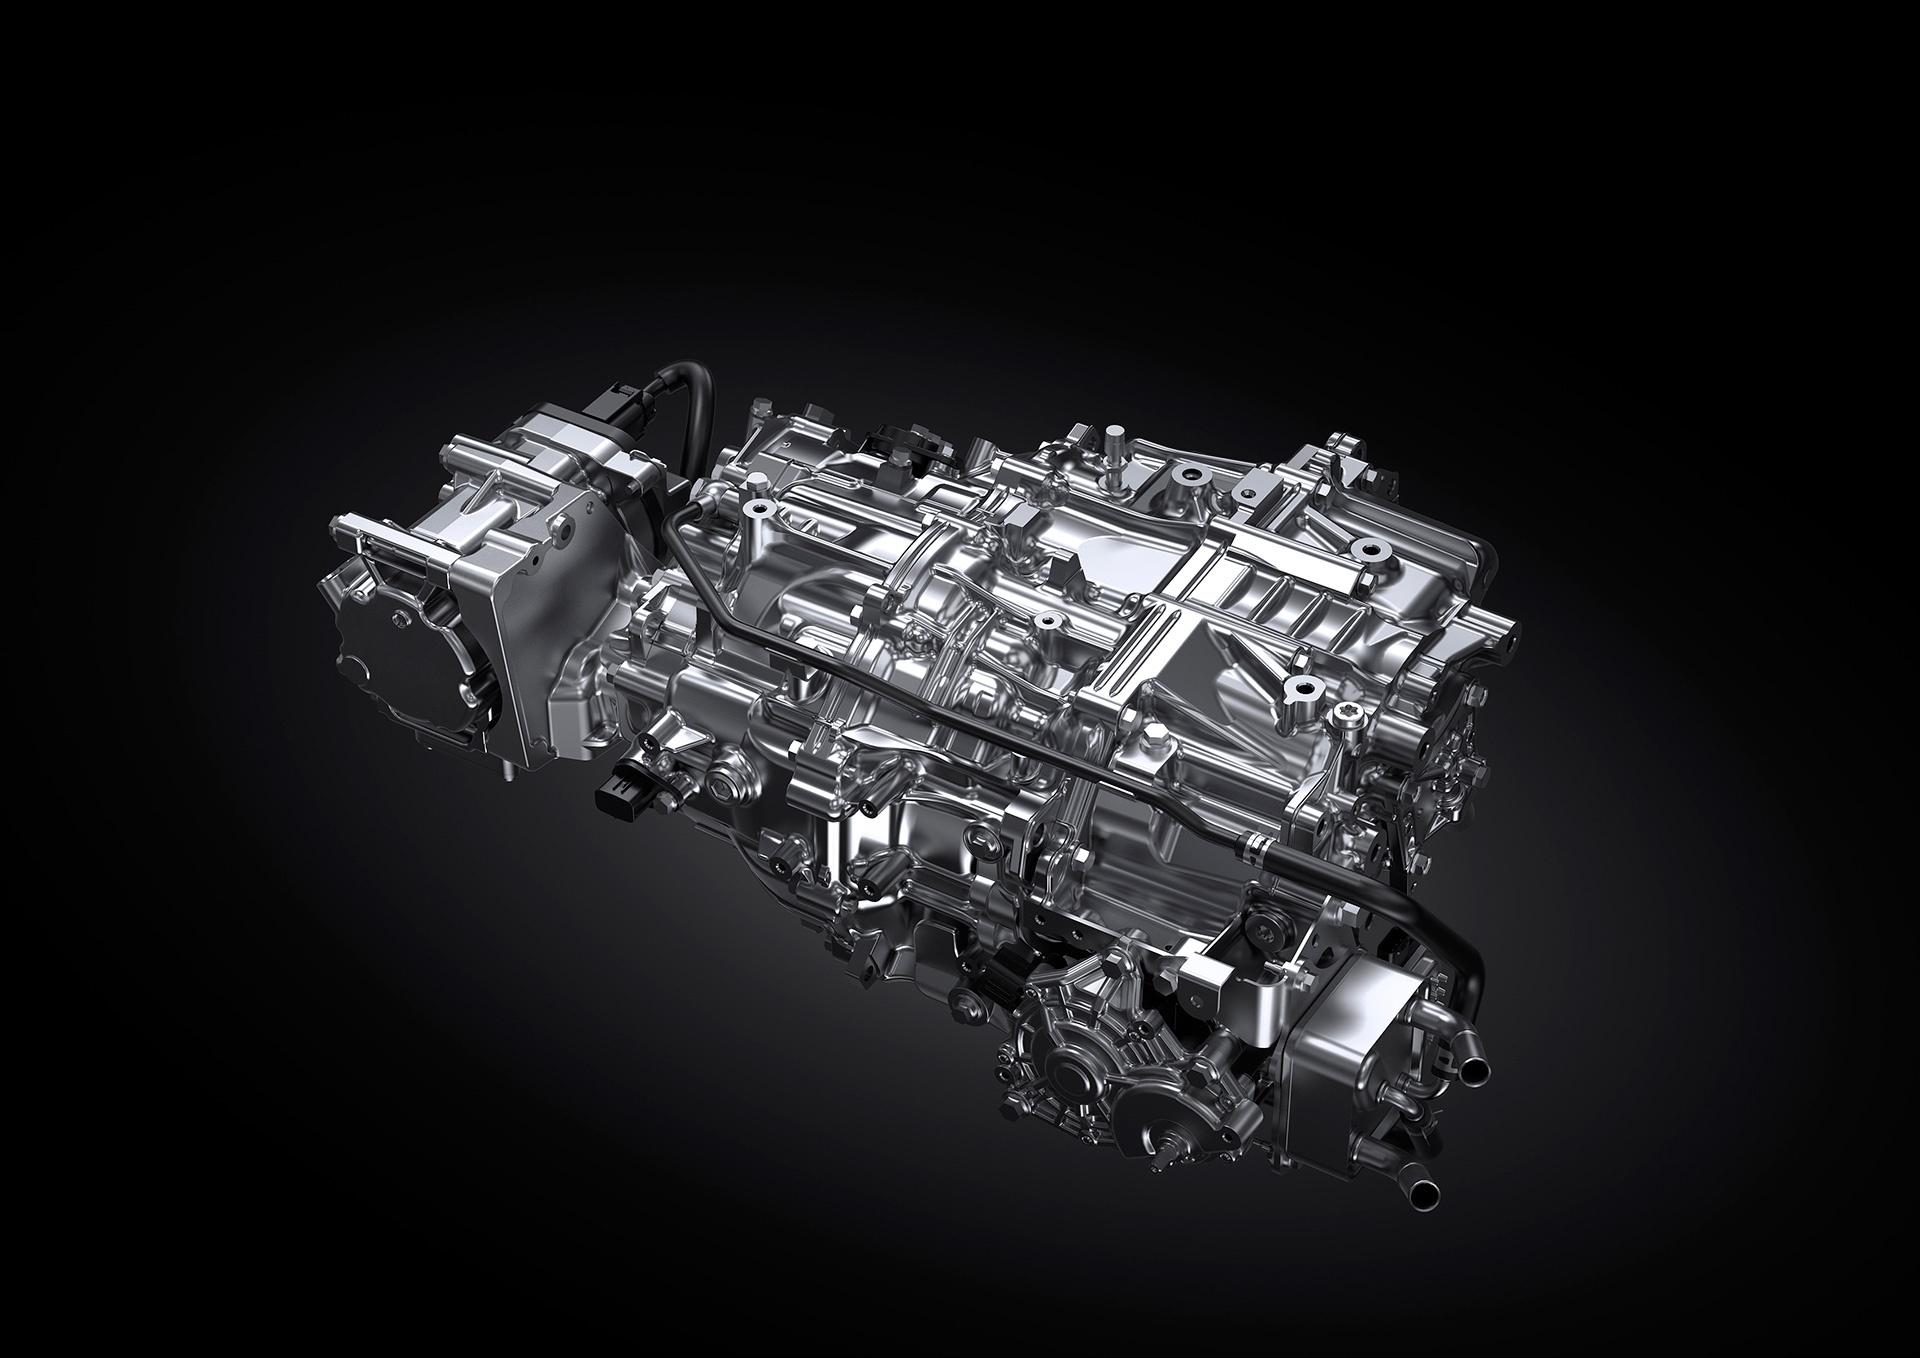 UX 300e - xe dien dau tien cua Lexus ra mat the gioi hinh anh 29